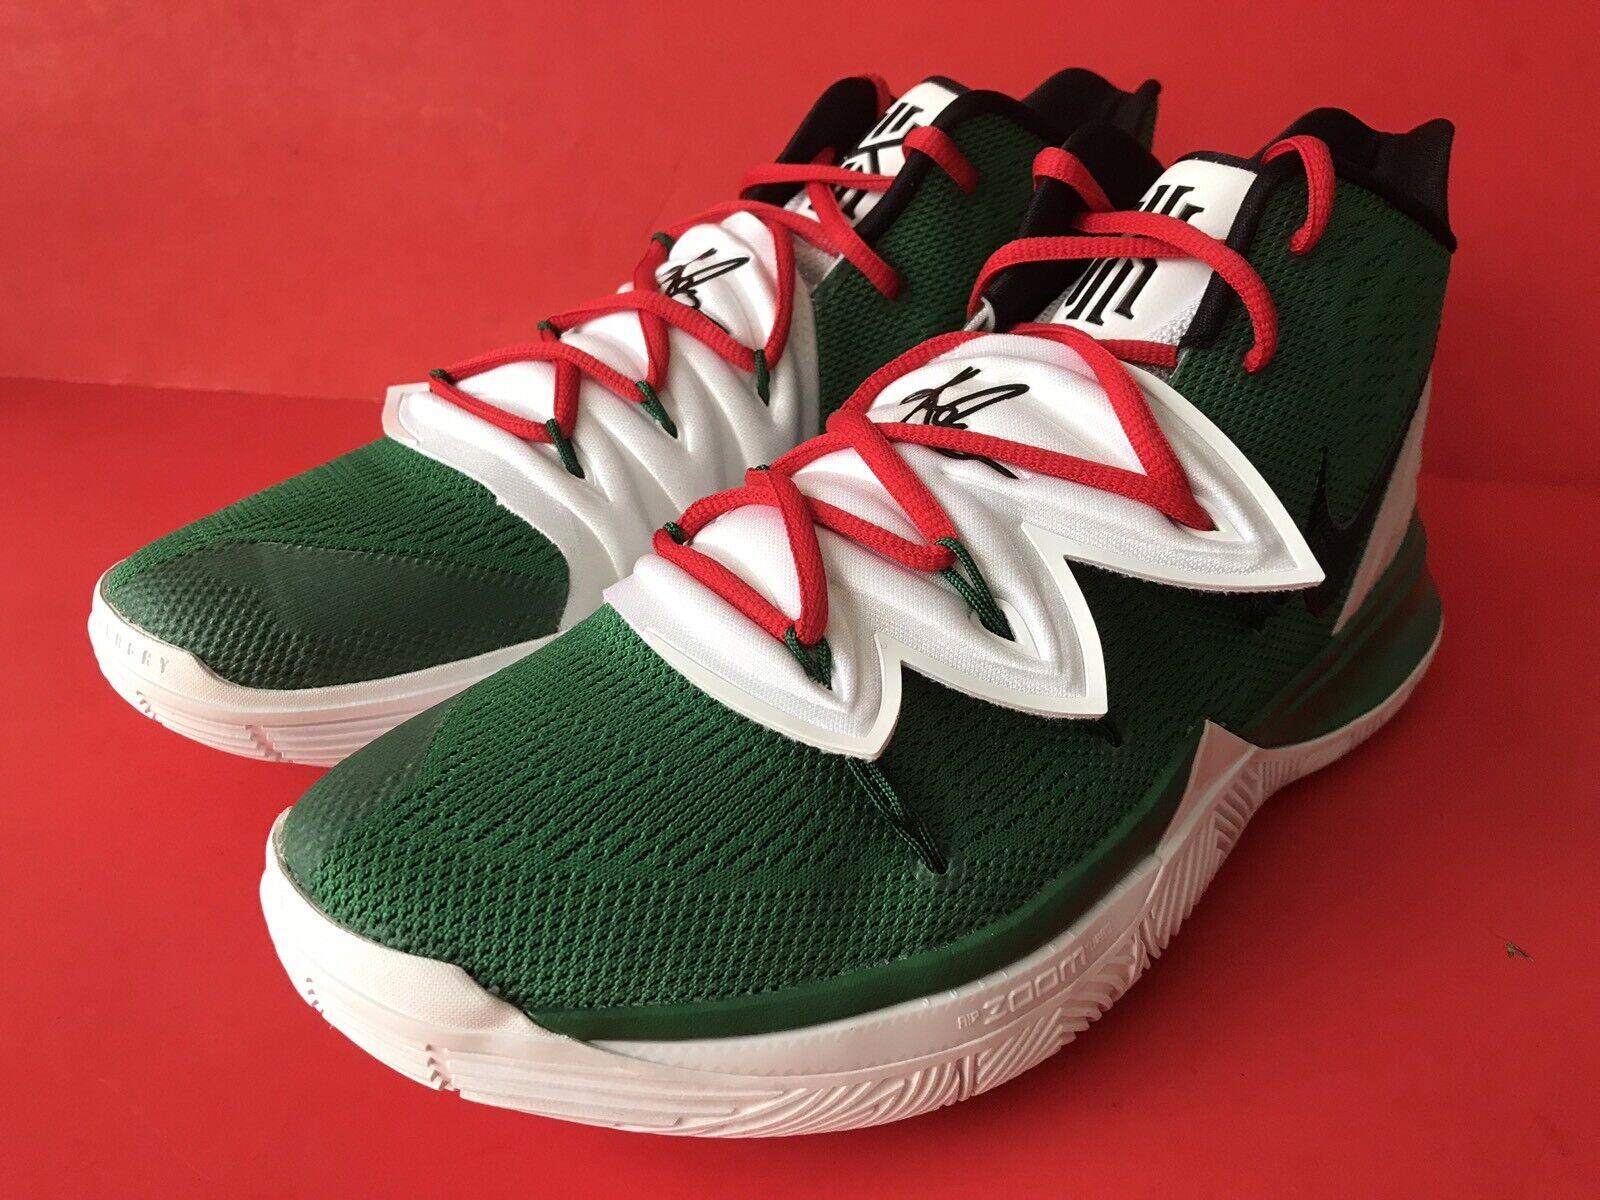 991 AV7917 ID 5 Nike Size Kyrie Men's 11 18b04dkzm35204 new